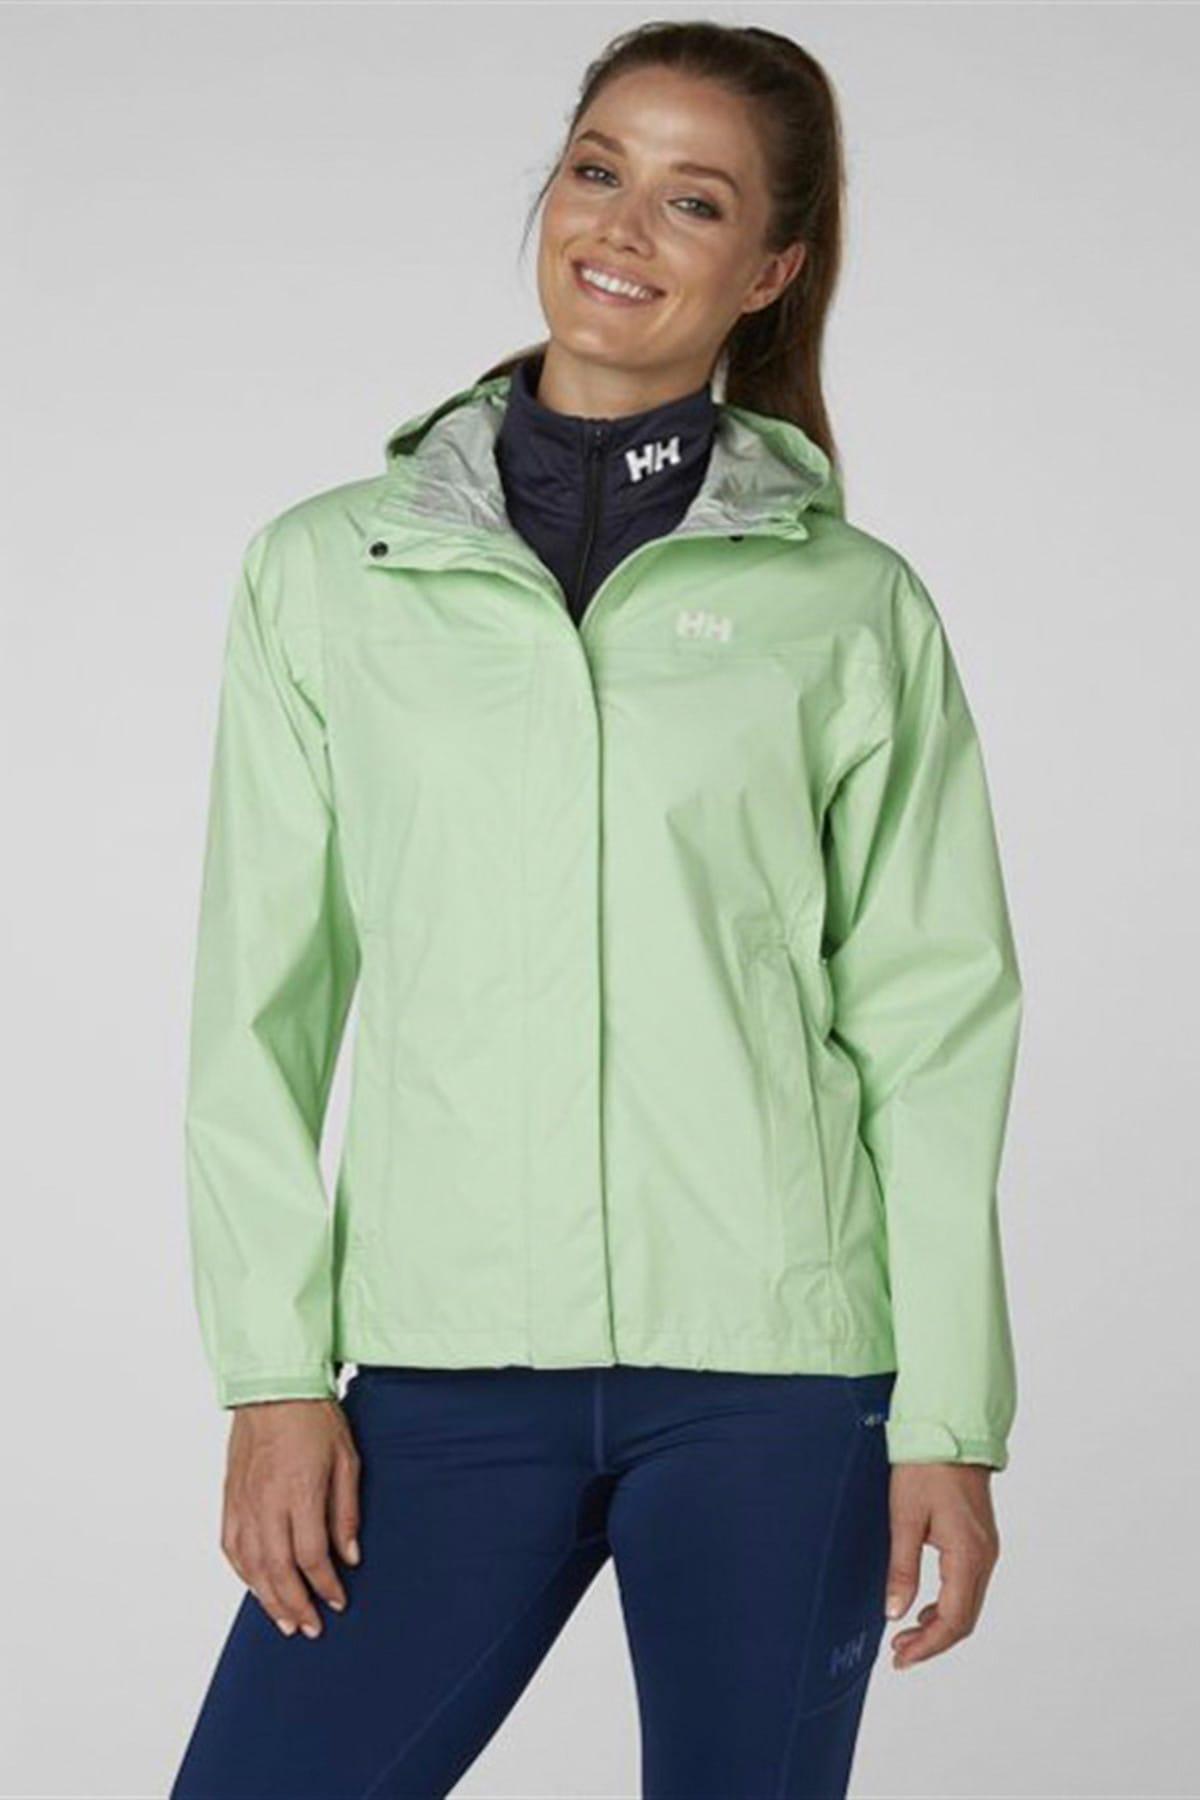 Helly Hansen Kadın Yeşil Spor Ceket 1